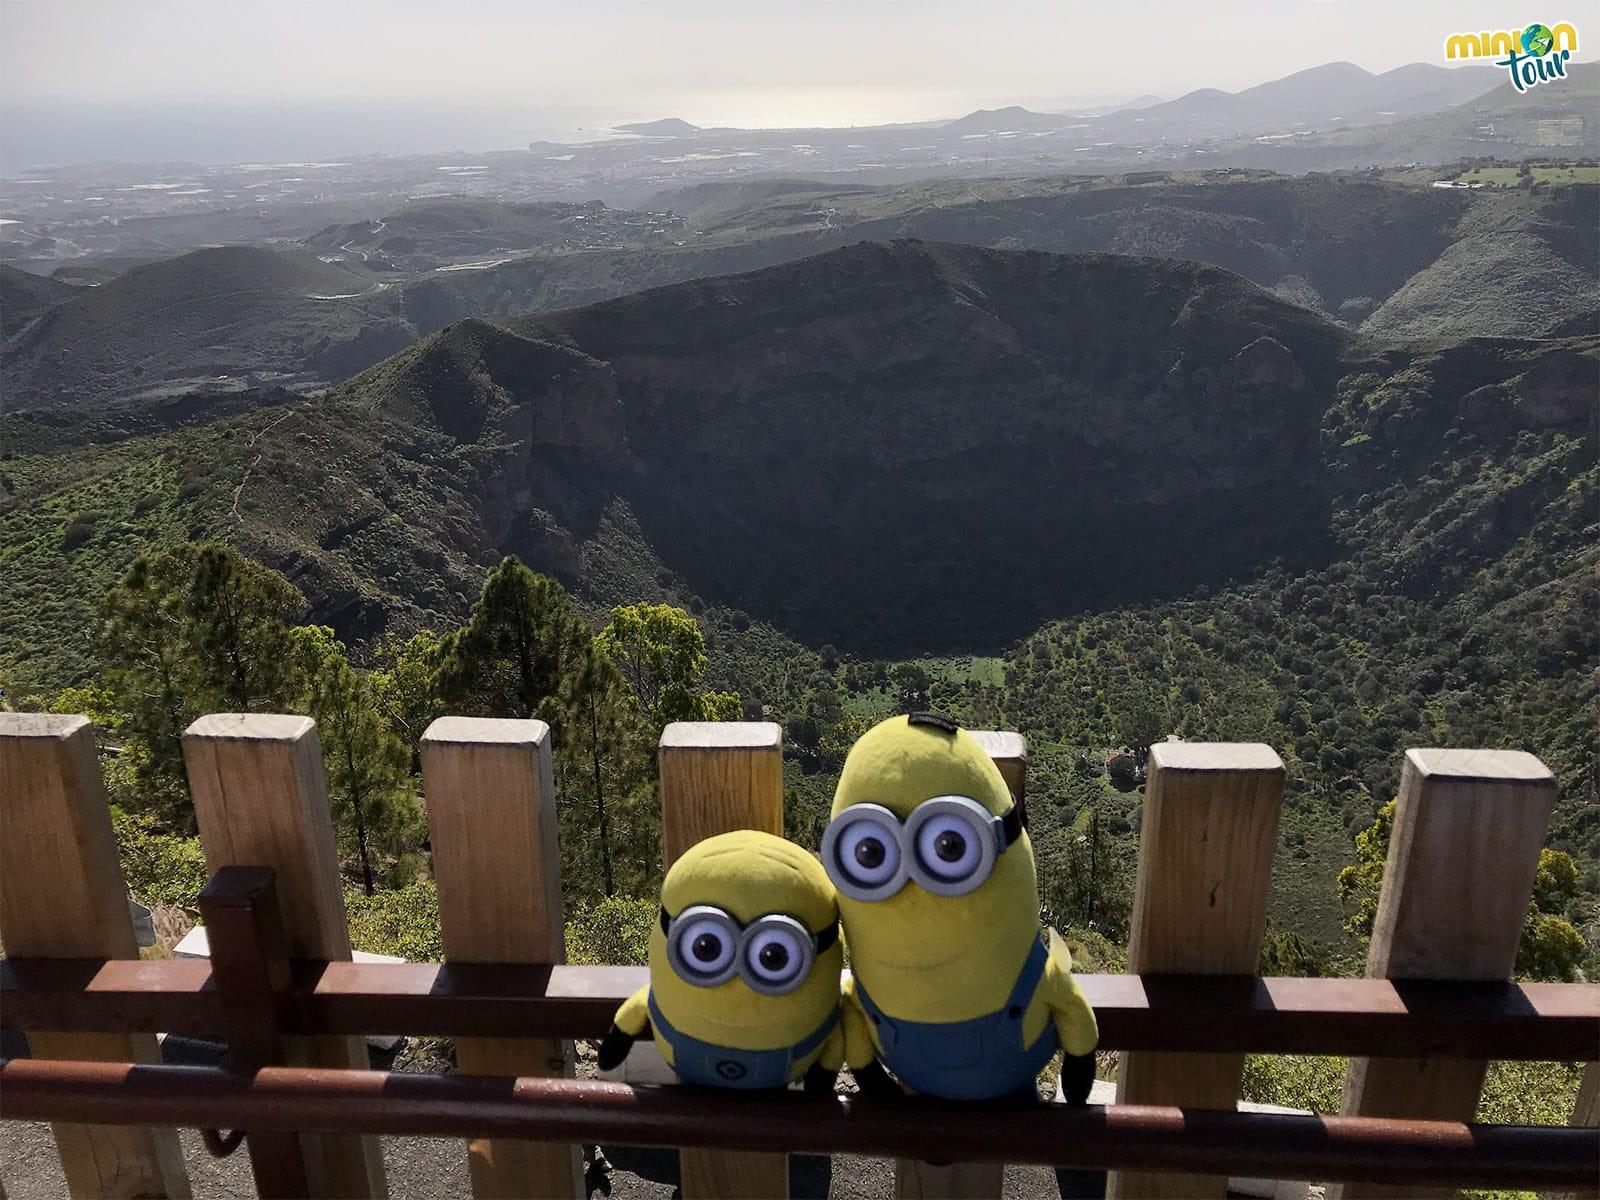 Caldera de Bandama, uno de los lugares que ver cerca del aeropuerto de Gran Canaria